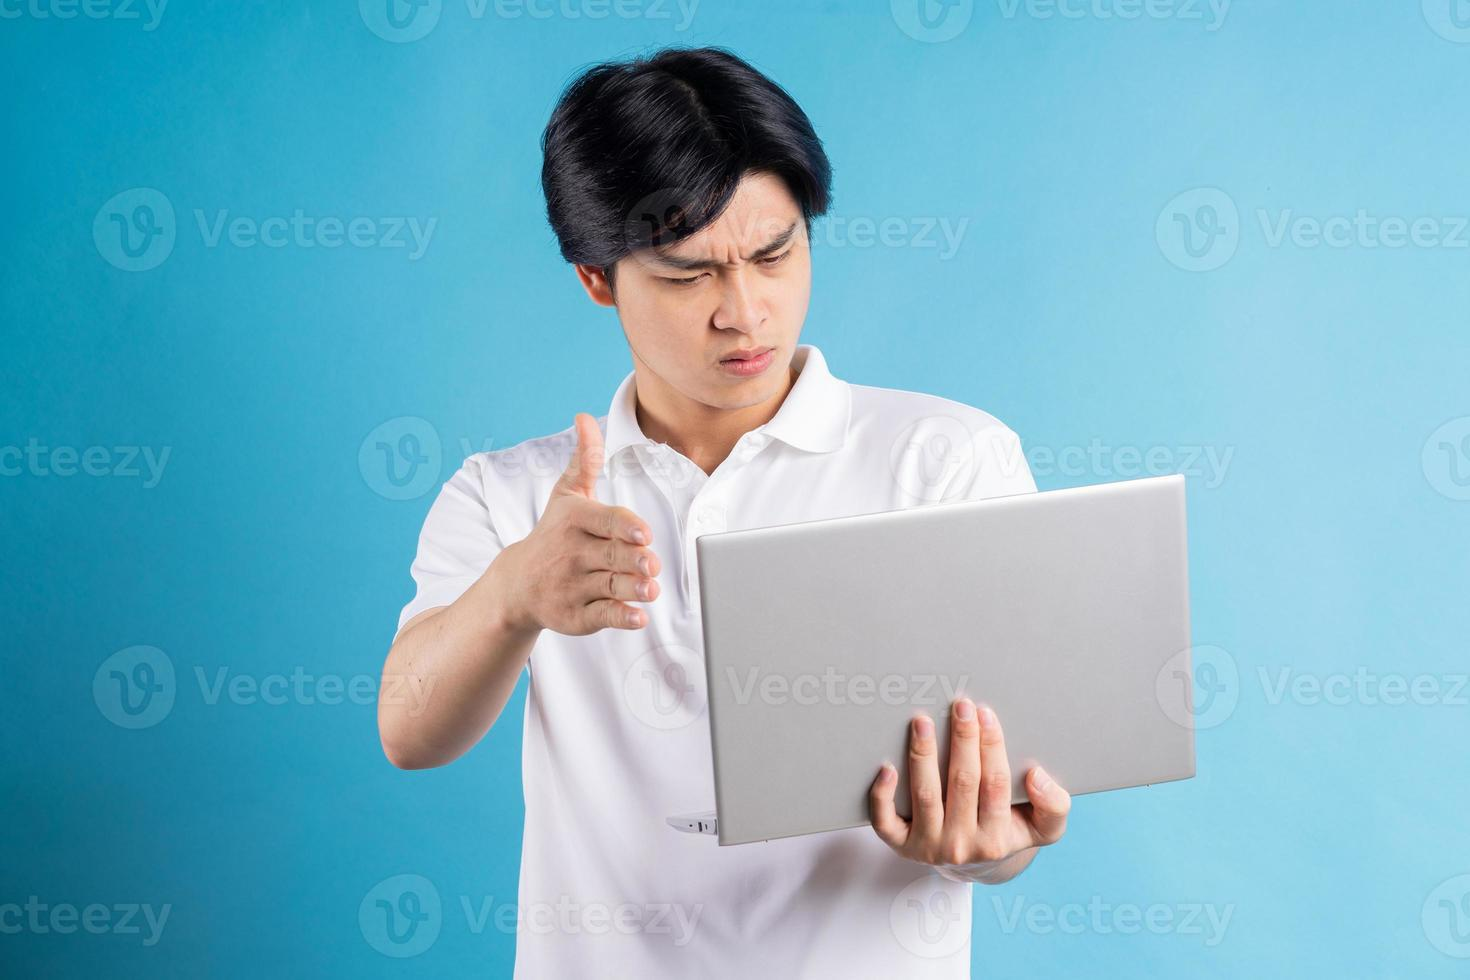 der asiatische mann macht einen videoanruf und streitet über seinen laptop foto